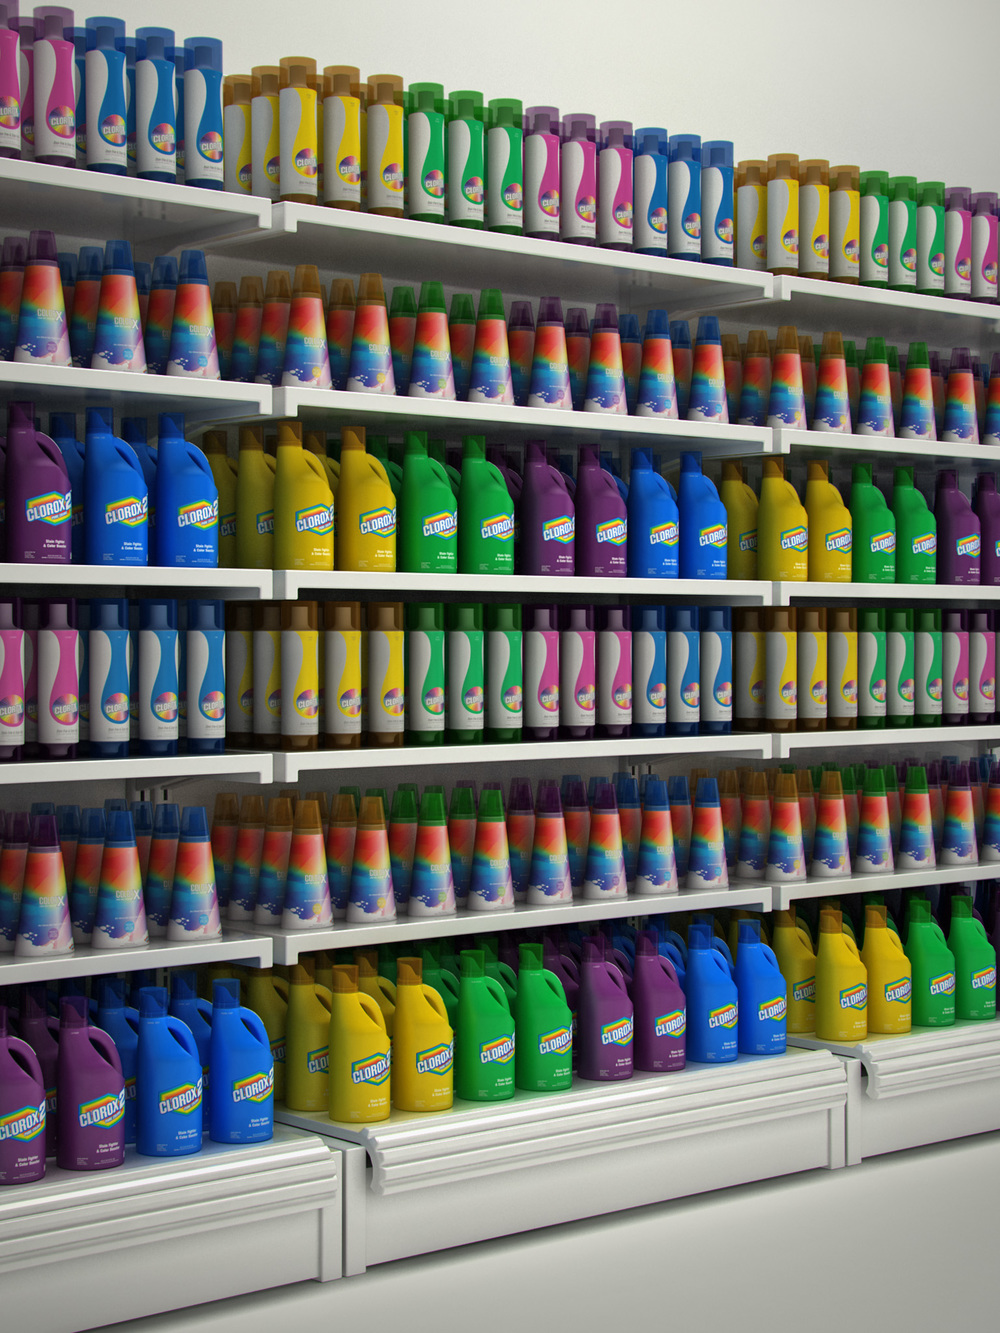 2011.06.25 CRX shelf rev0.jpg